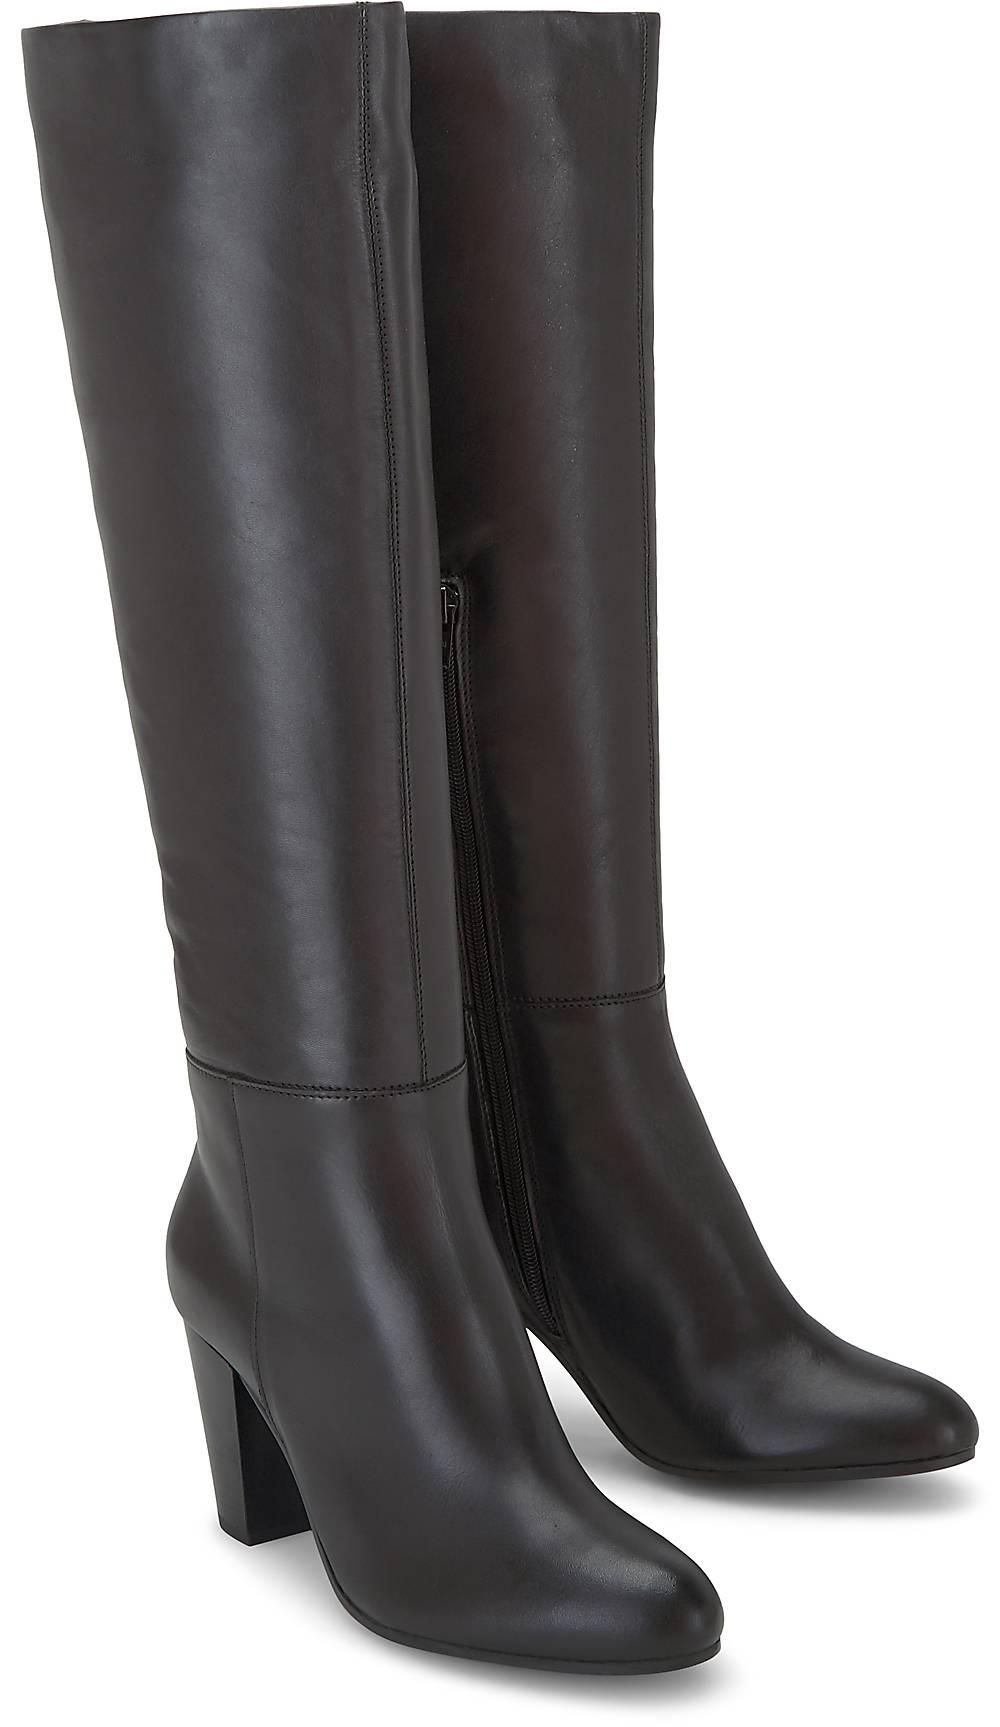 Belmondo| Klassik-Stiefel in schwarz| Stiefel für Damen | Schuhe > Stiefel | belmondo